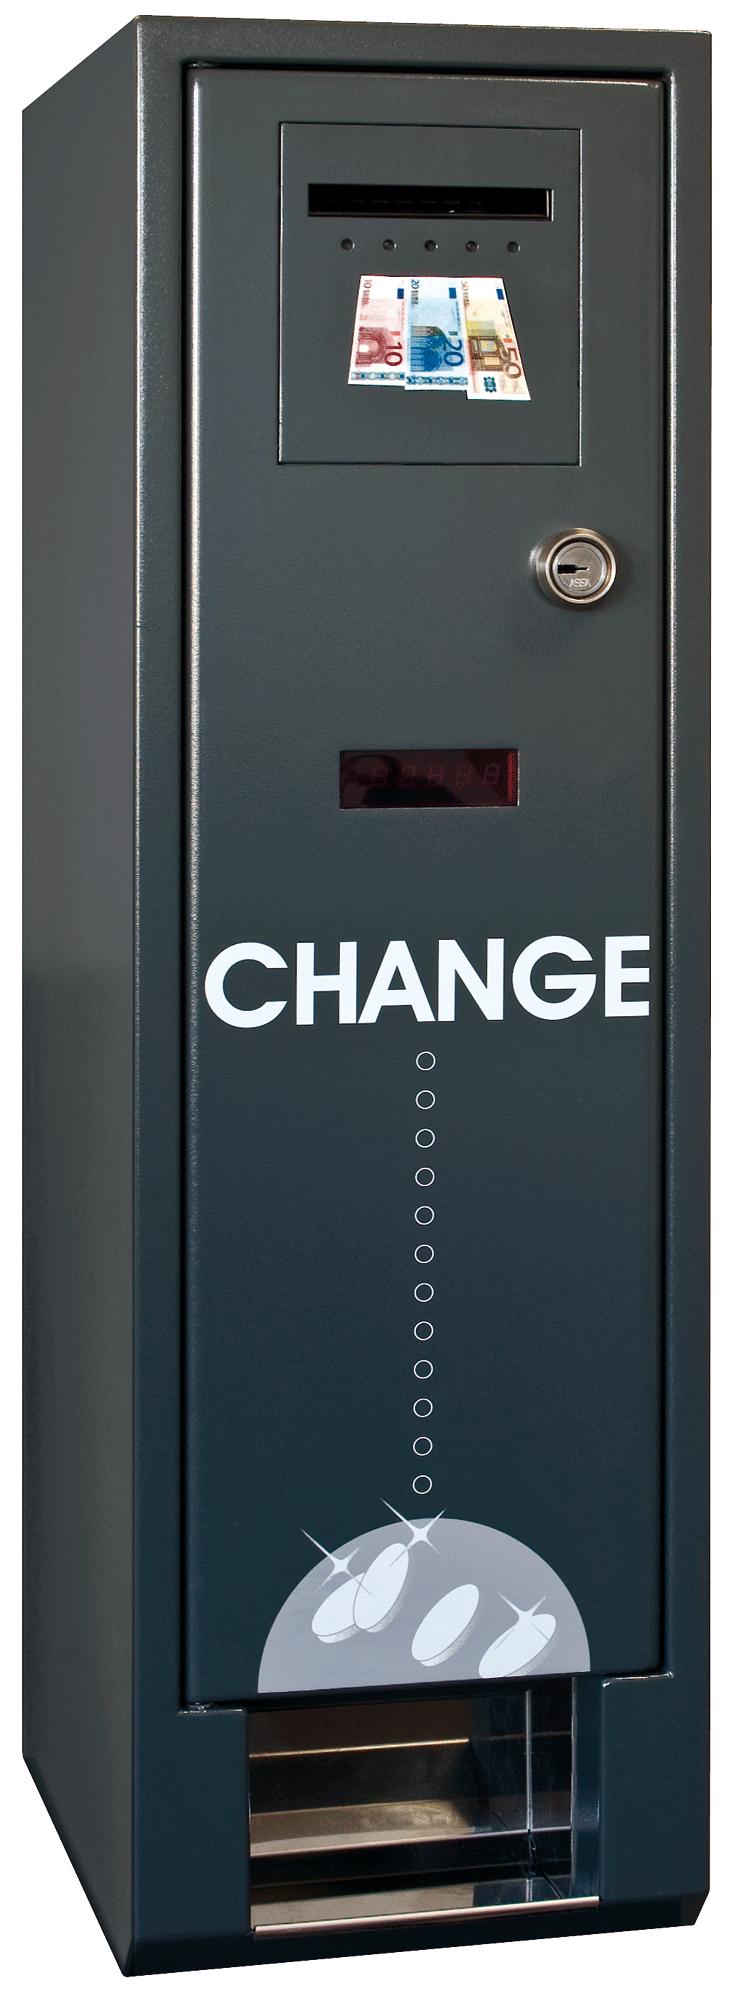 change coin machine